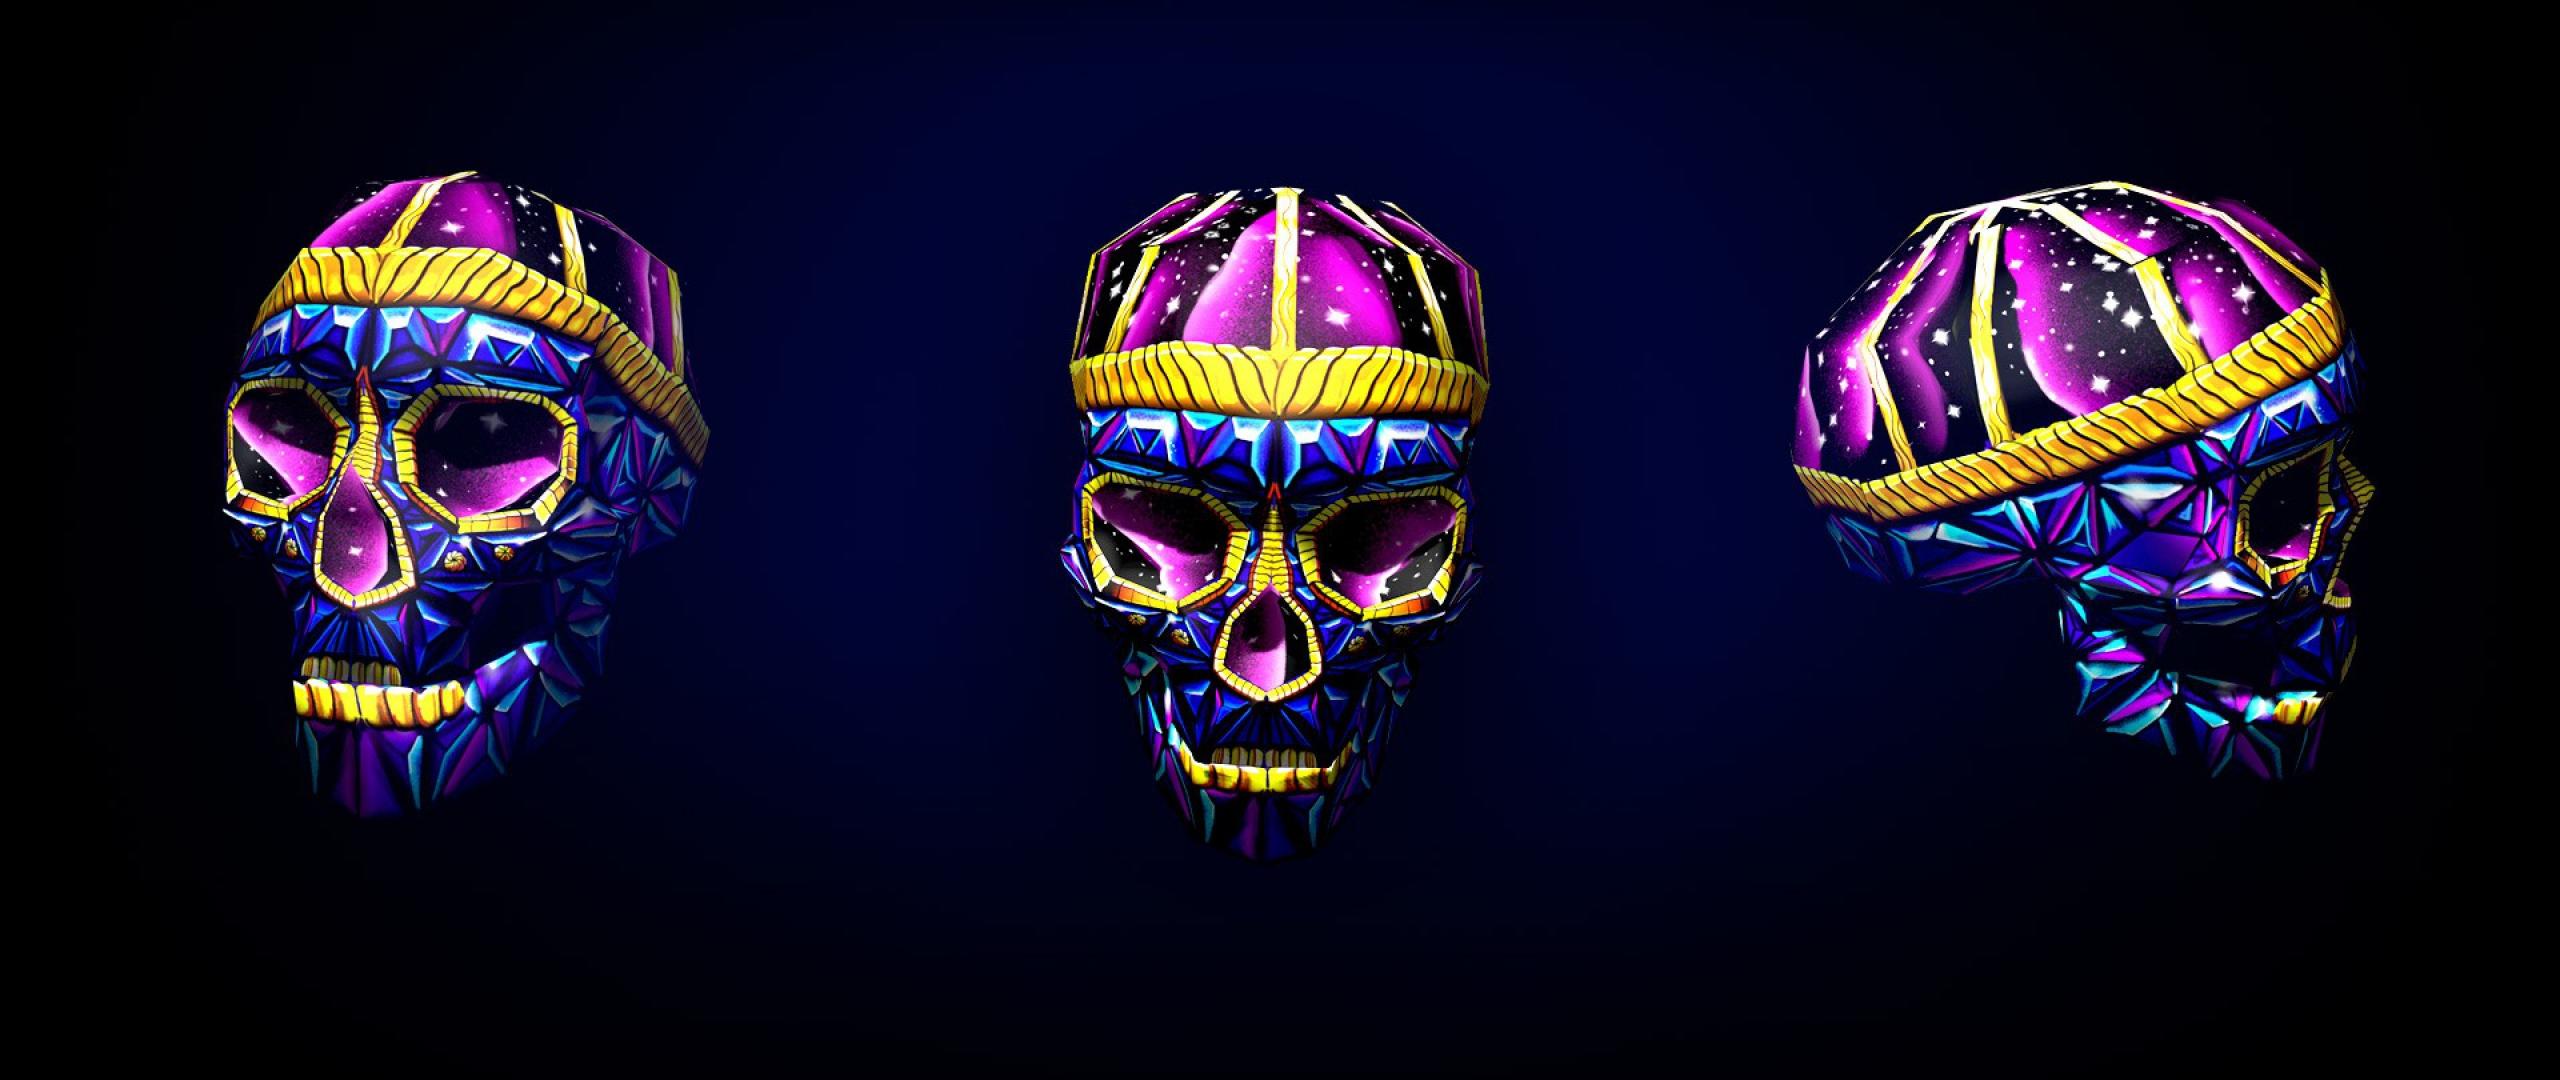 Skull 3d Wallpaper: Skull 3d Art Bright, HD 3D, 4k Wallpapers, Images